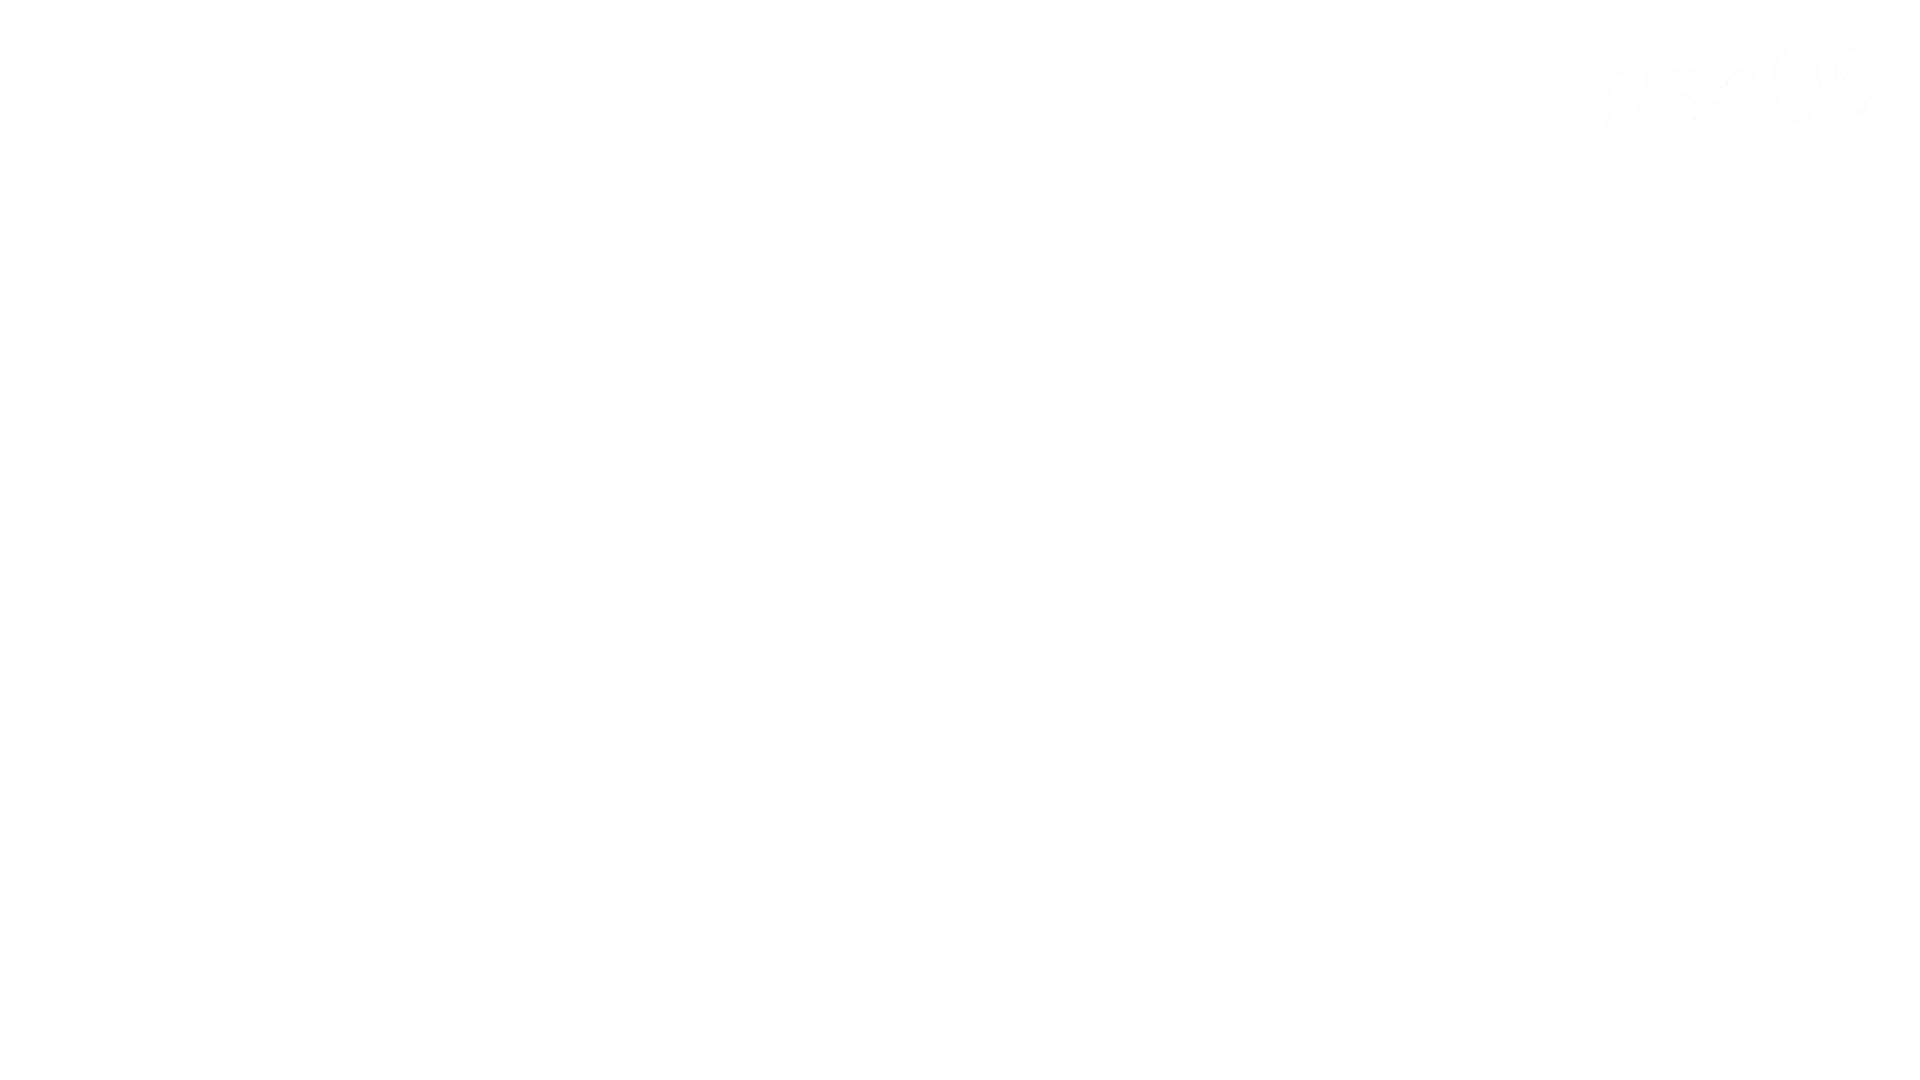 ▲復活限定▲ハイビジョン 盗神伝 Vol.5 ギャル達 オメコ動画キャプチャ 111枚 37